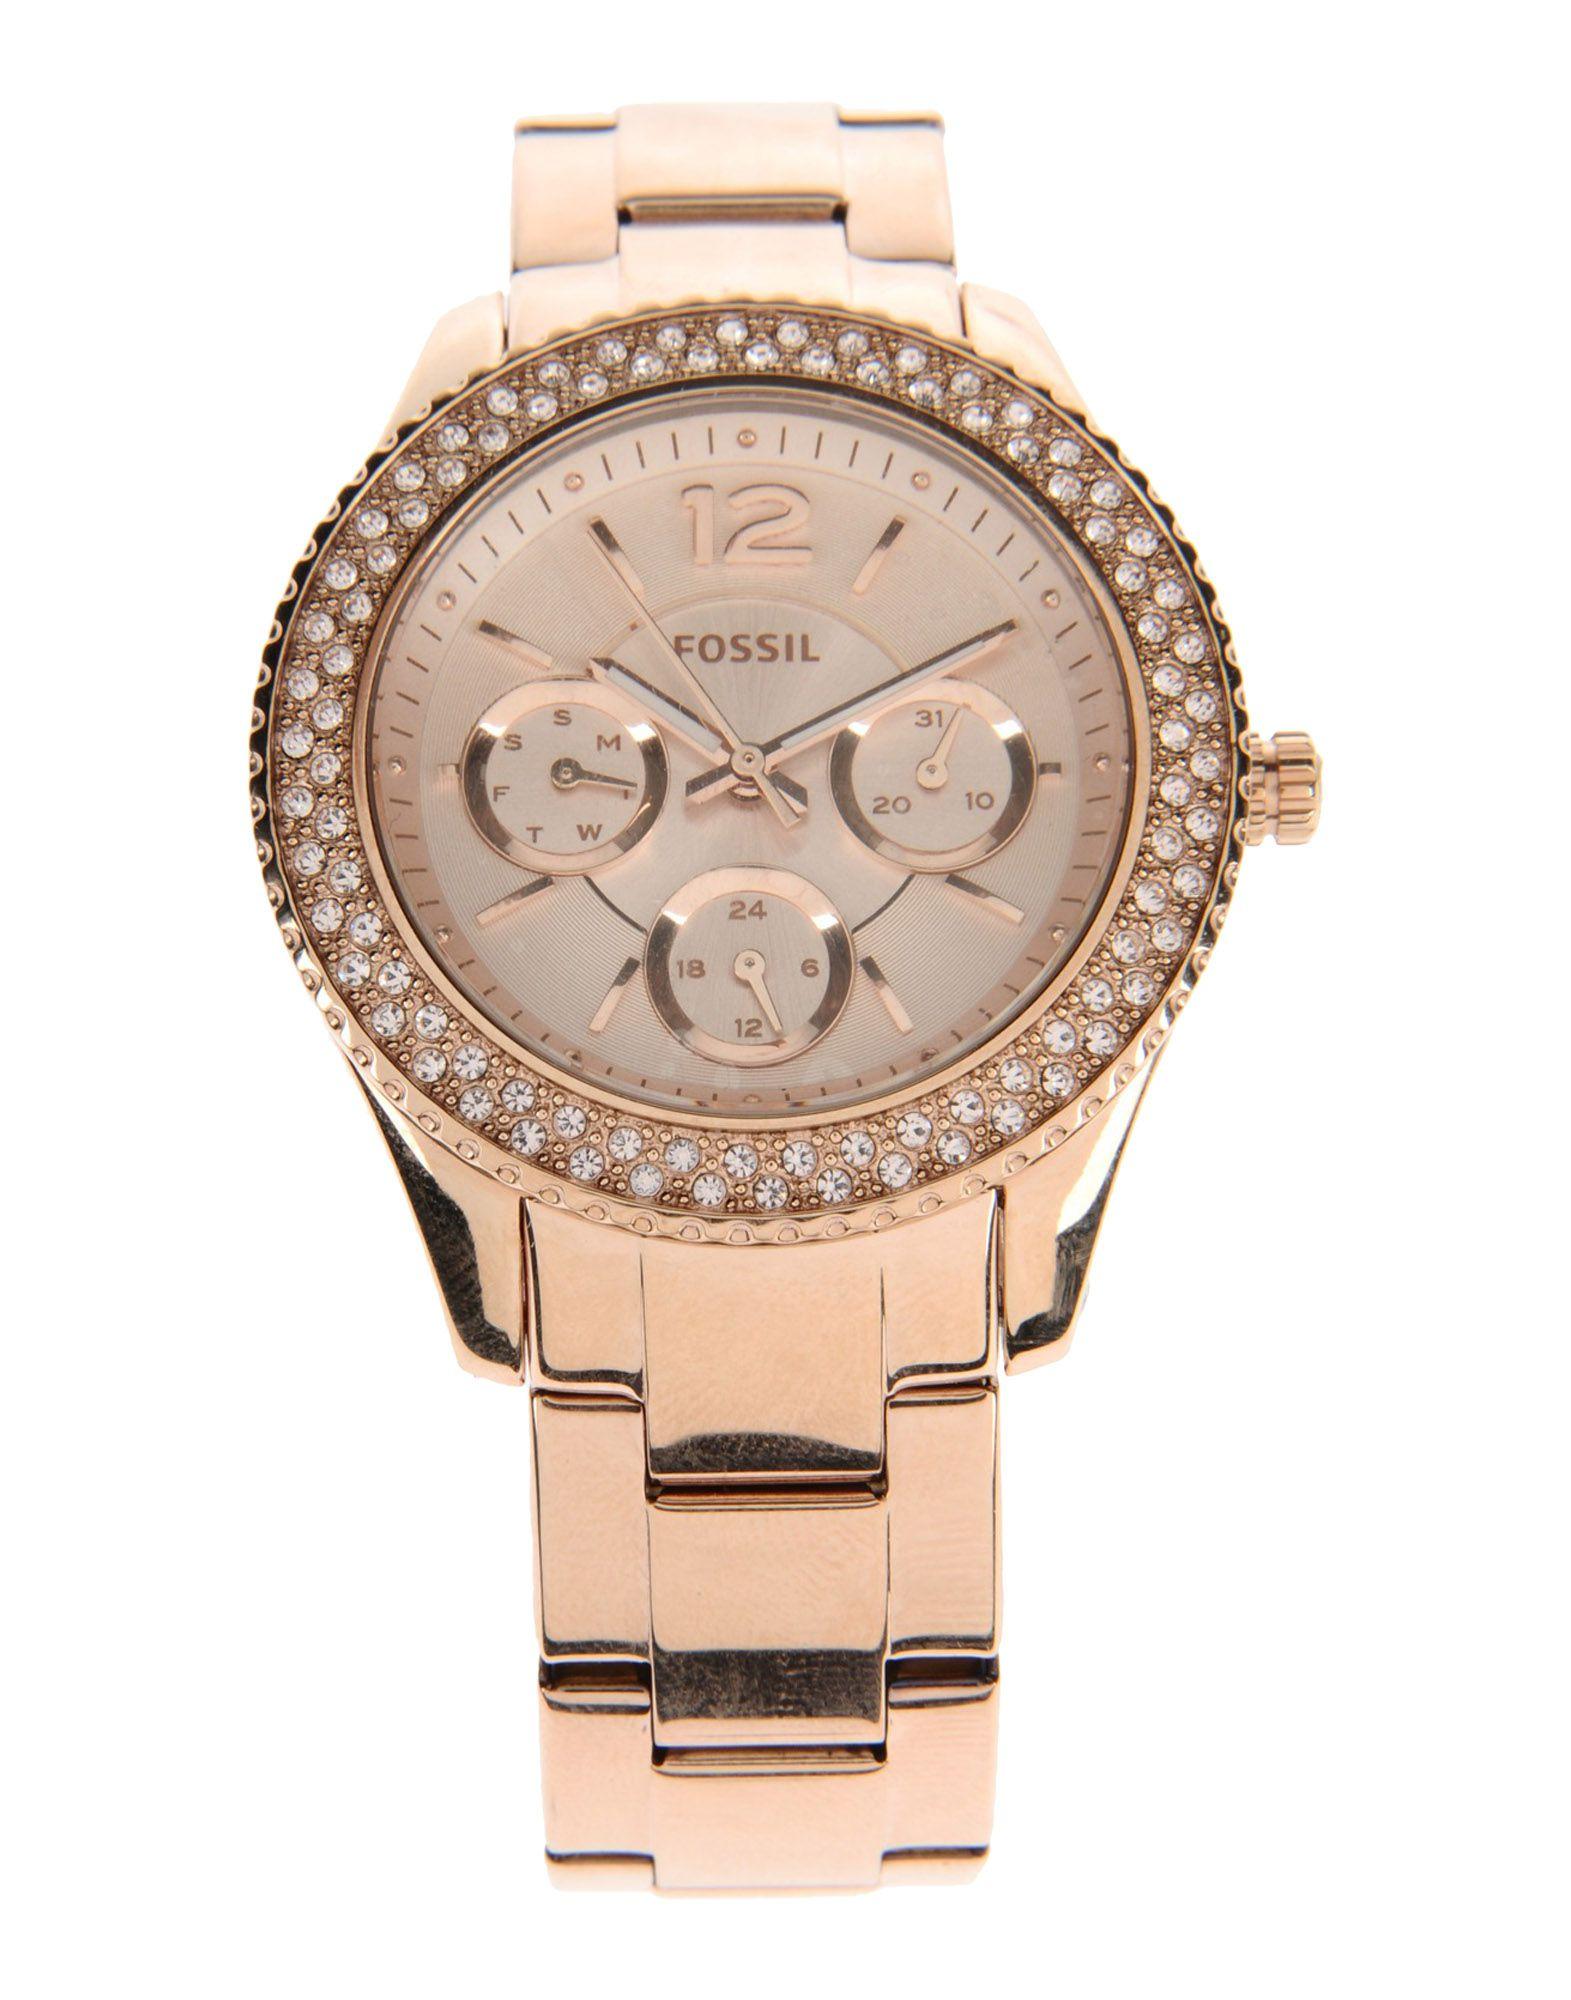 FOSSIL Наручные часы роскошные браслеты часы часы часы часы кварца часы vintage турецкие наручные часы индийский свадебный подарок антикварных ювелирны